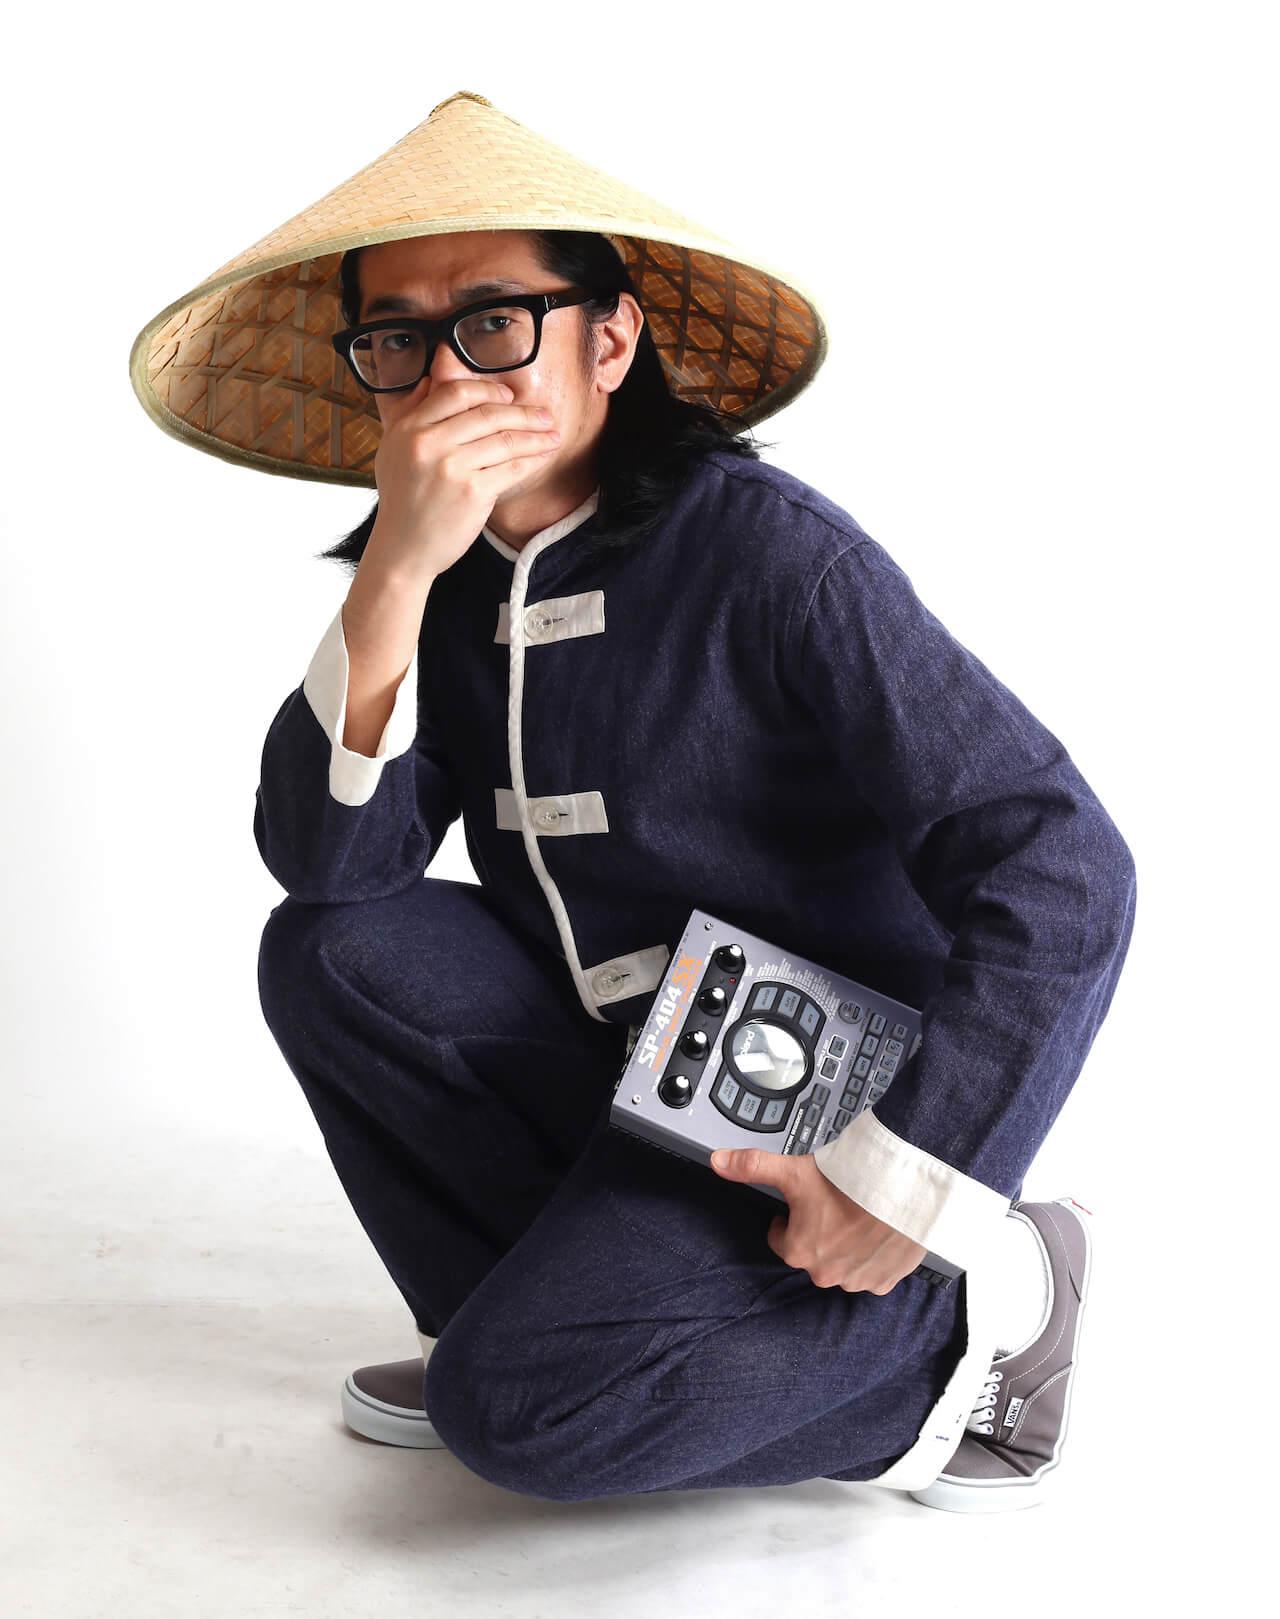 2020年に新パーティー<LLL-FT>がTSUTAYA O-EASTで始動|OL Killer、板橋兄弟、一十三十一、TOKYO HEALTH CLUB、Mom、セク山が登場 music191218-lll-ft-5